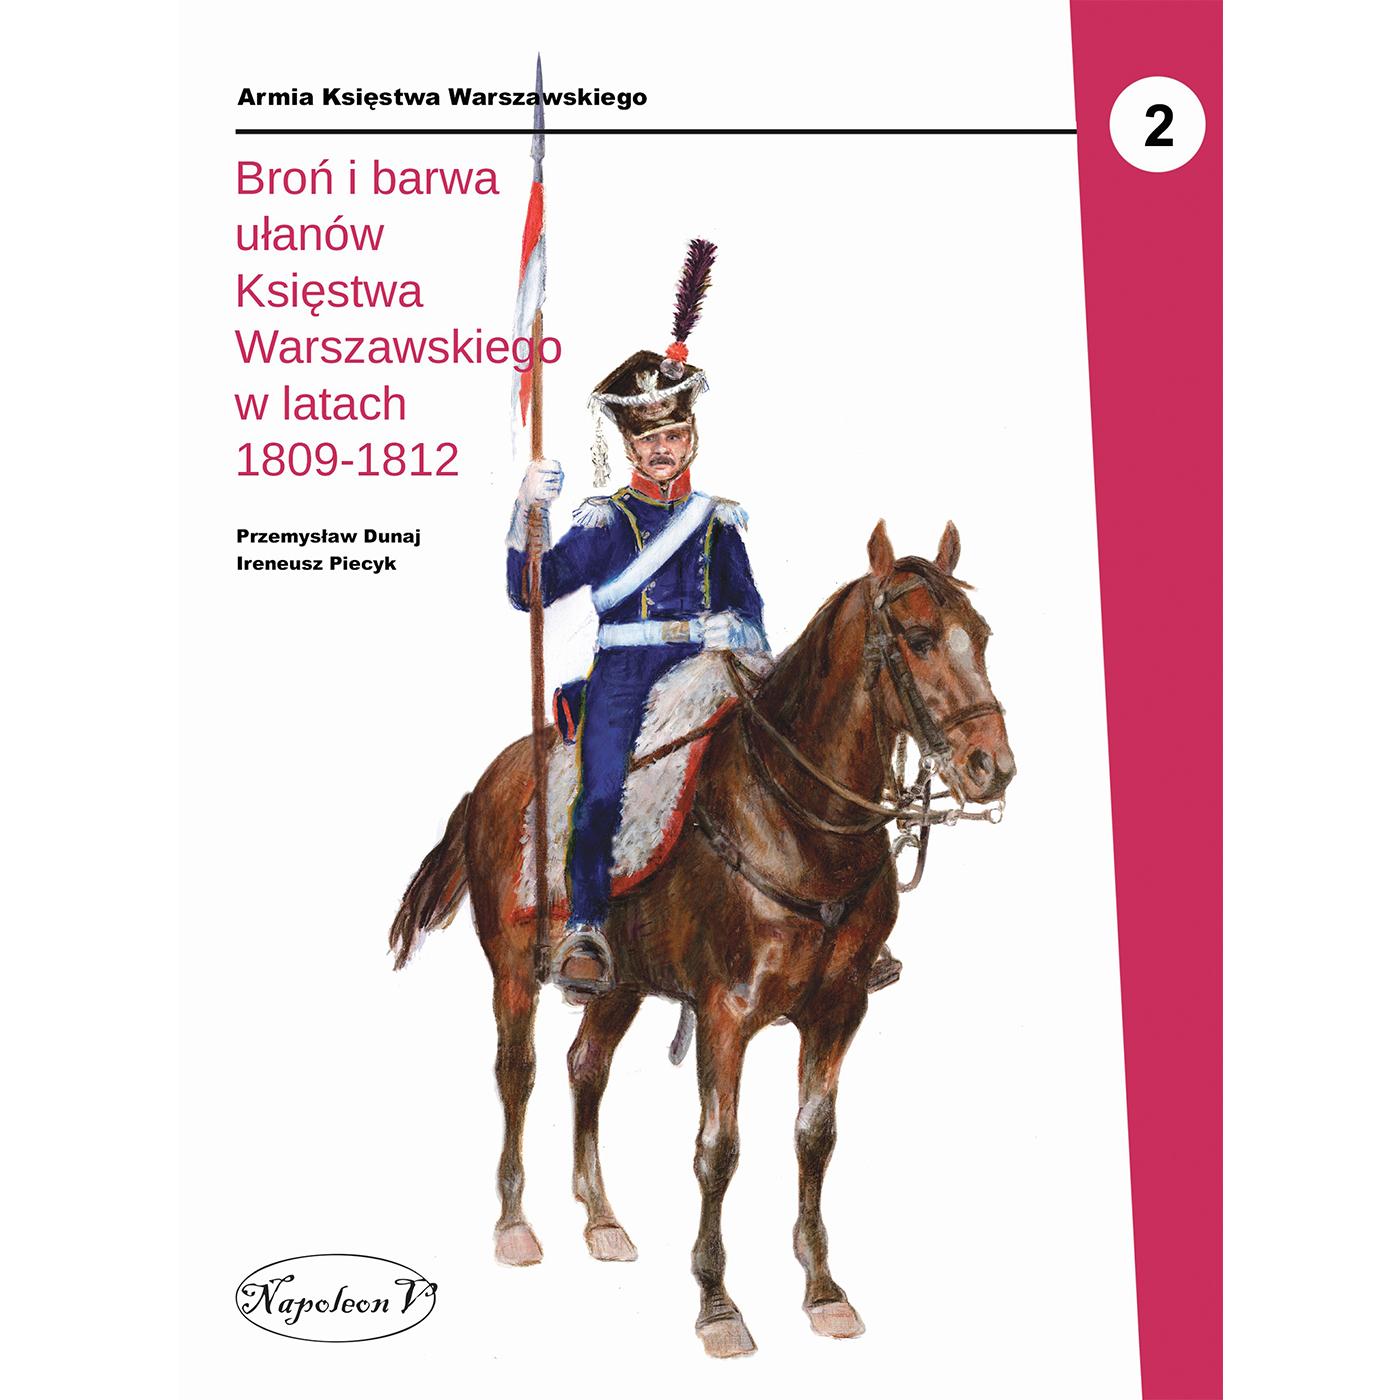 Broń i barwa ułanów Księstwa Warszawskiego w latach 1809-1812